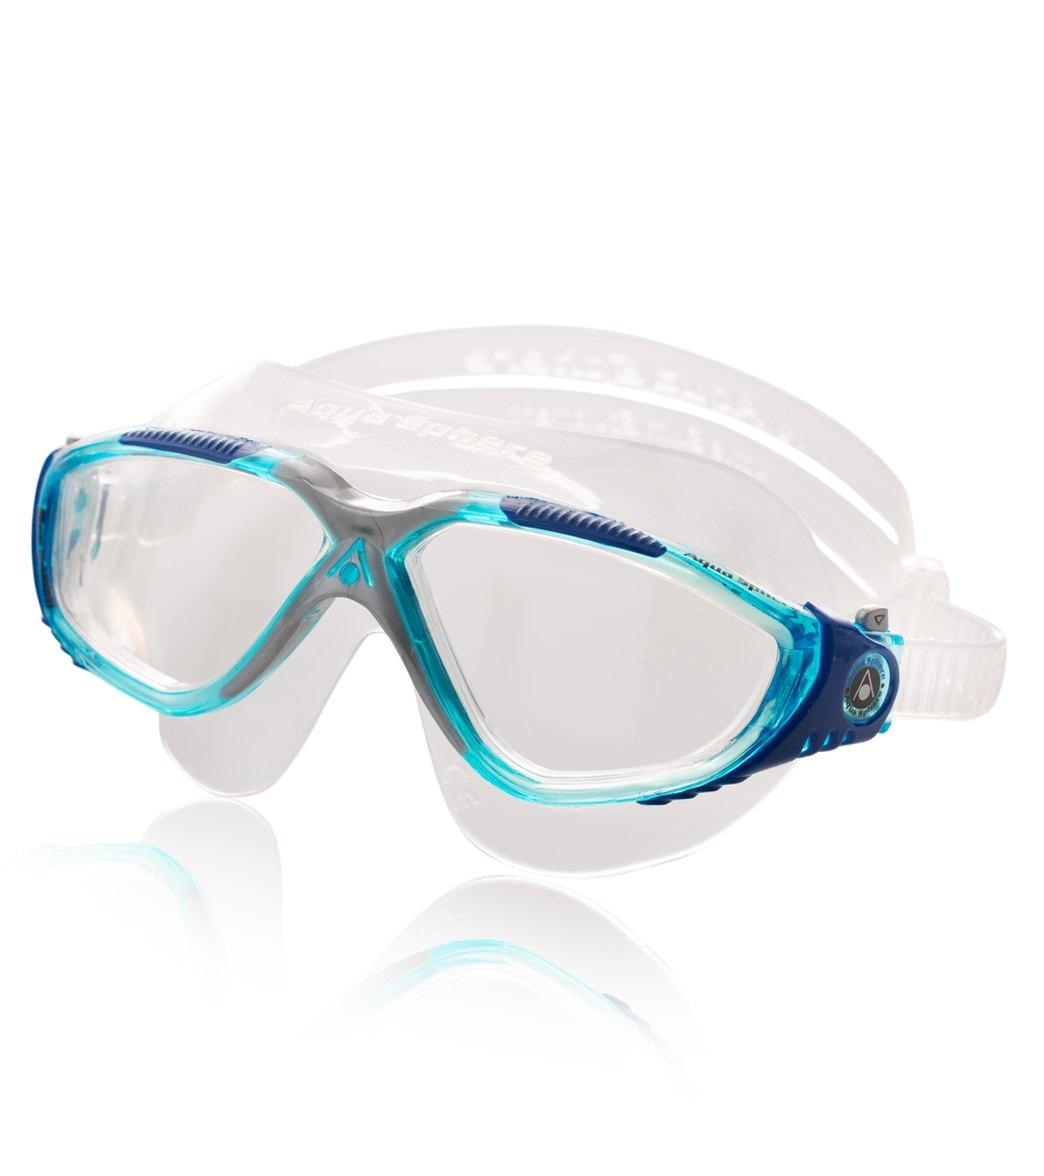 Aquasphere Aquasphere Vista Goggles